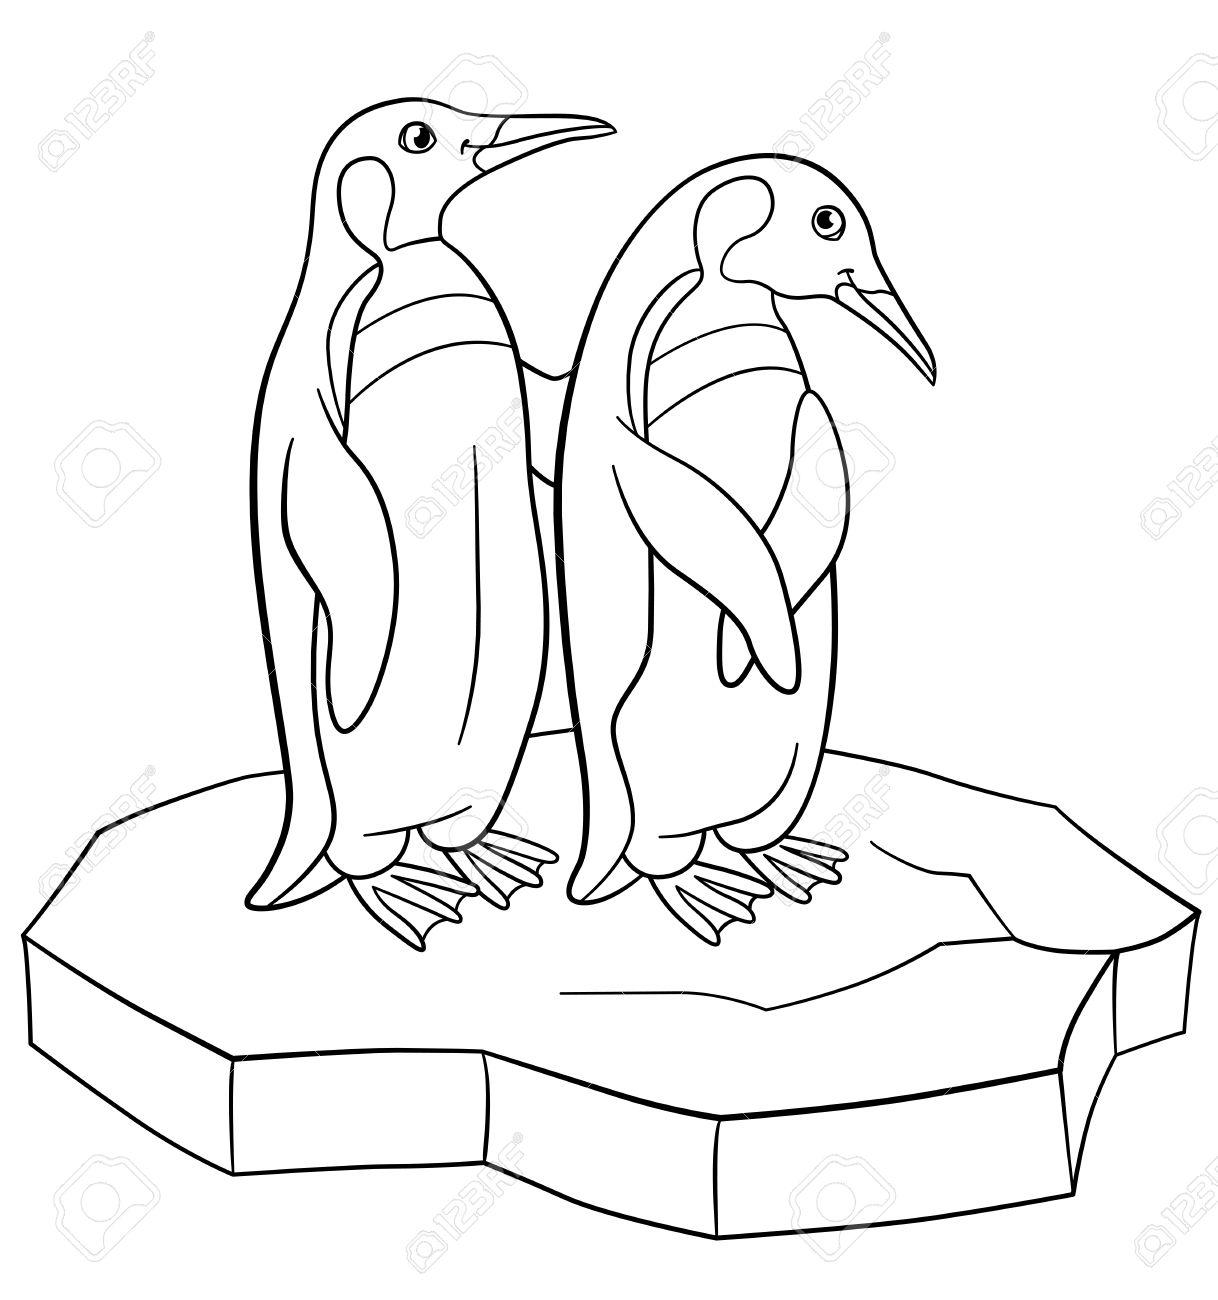 Páginas Para Colorear. Dos Pequeños Pingüinos Lindos Están En El ...